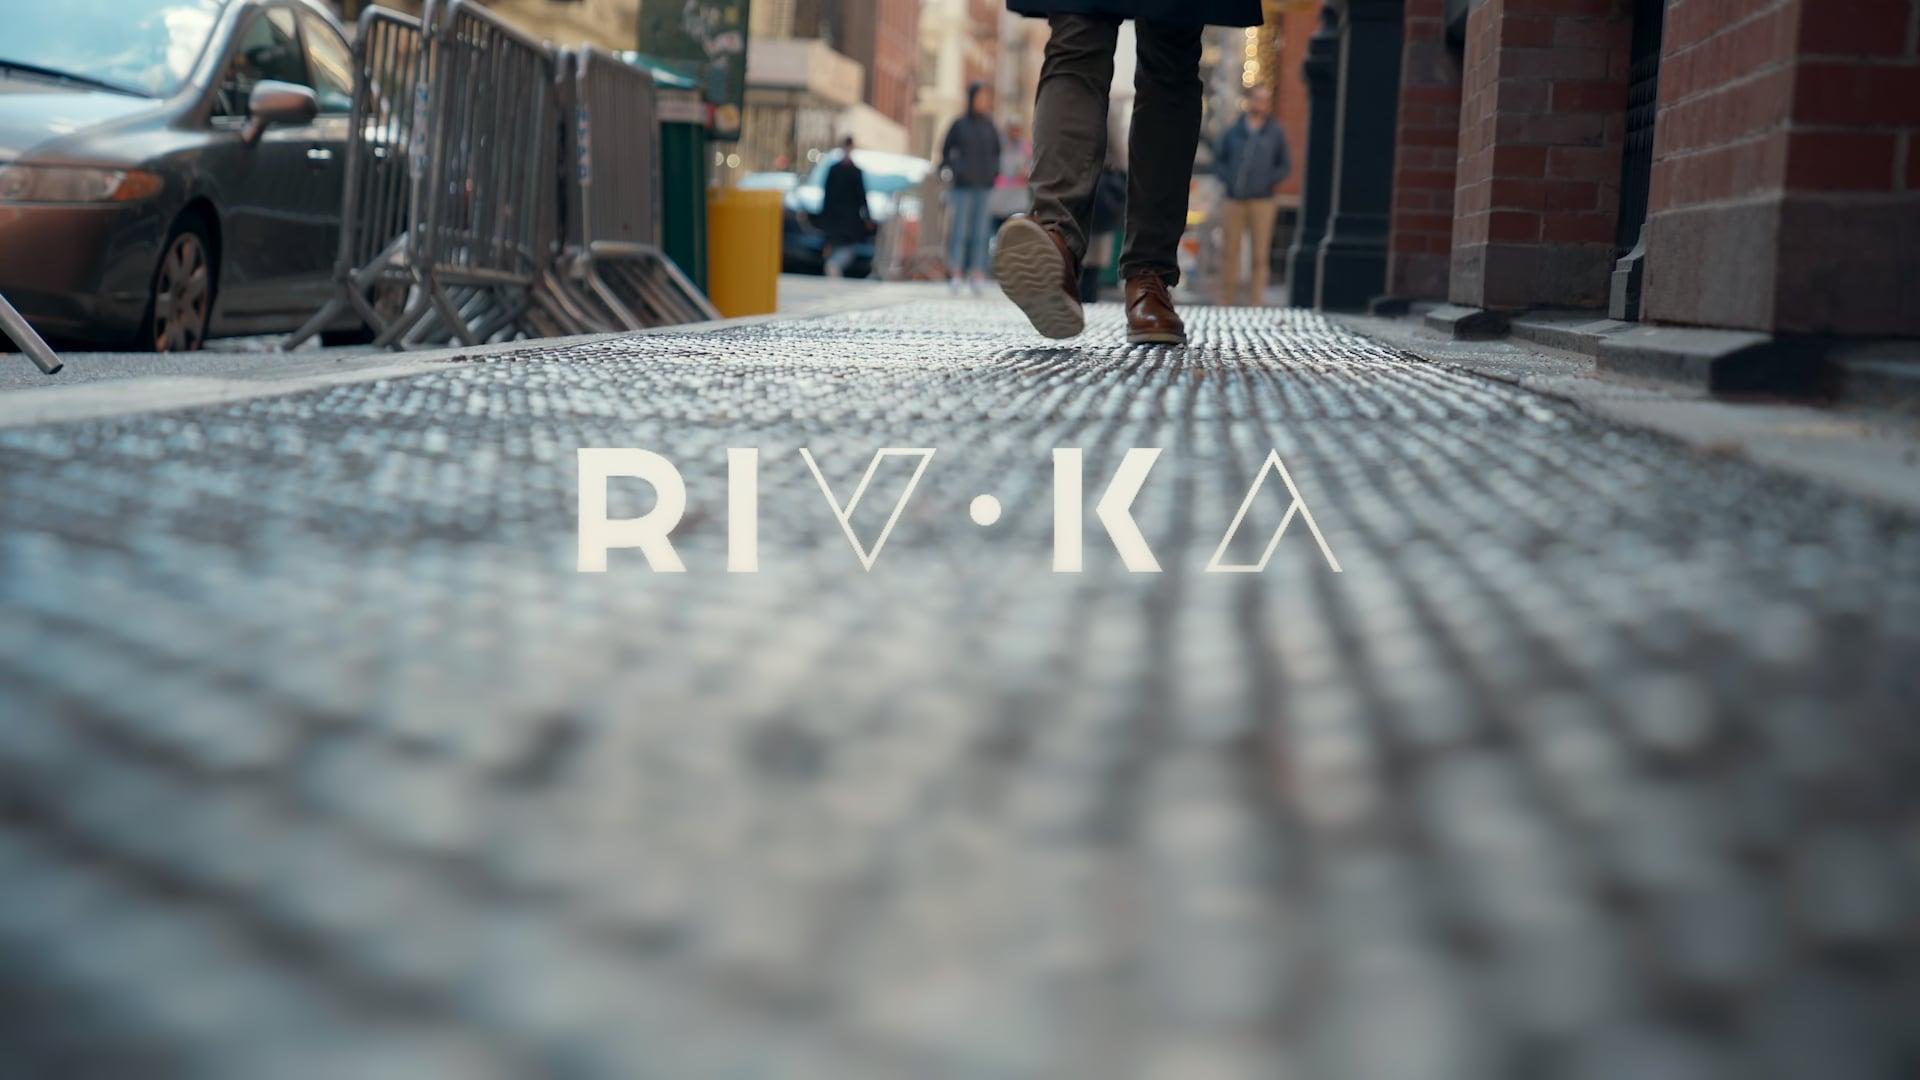 RIVKA Shoes Commercial - Part VI